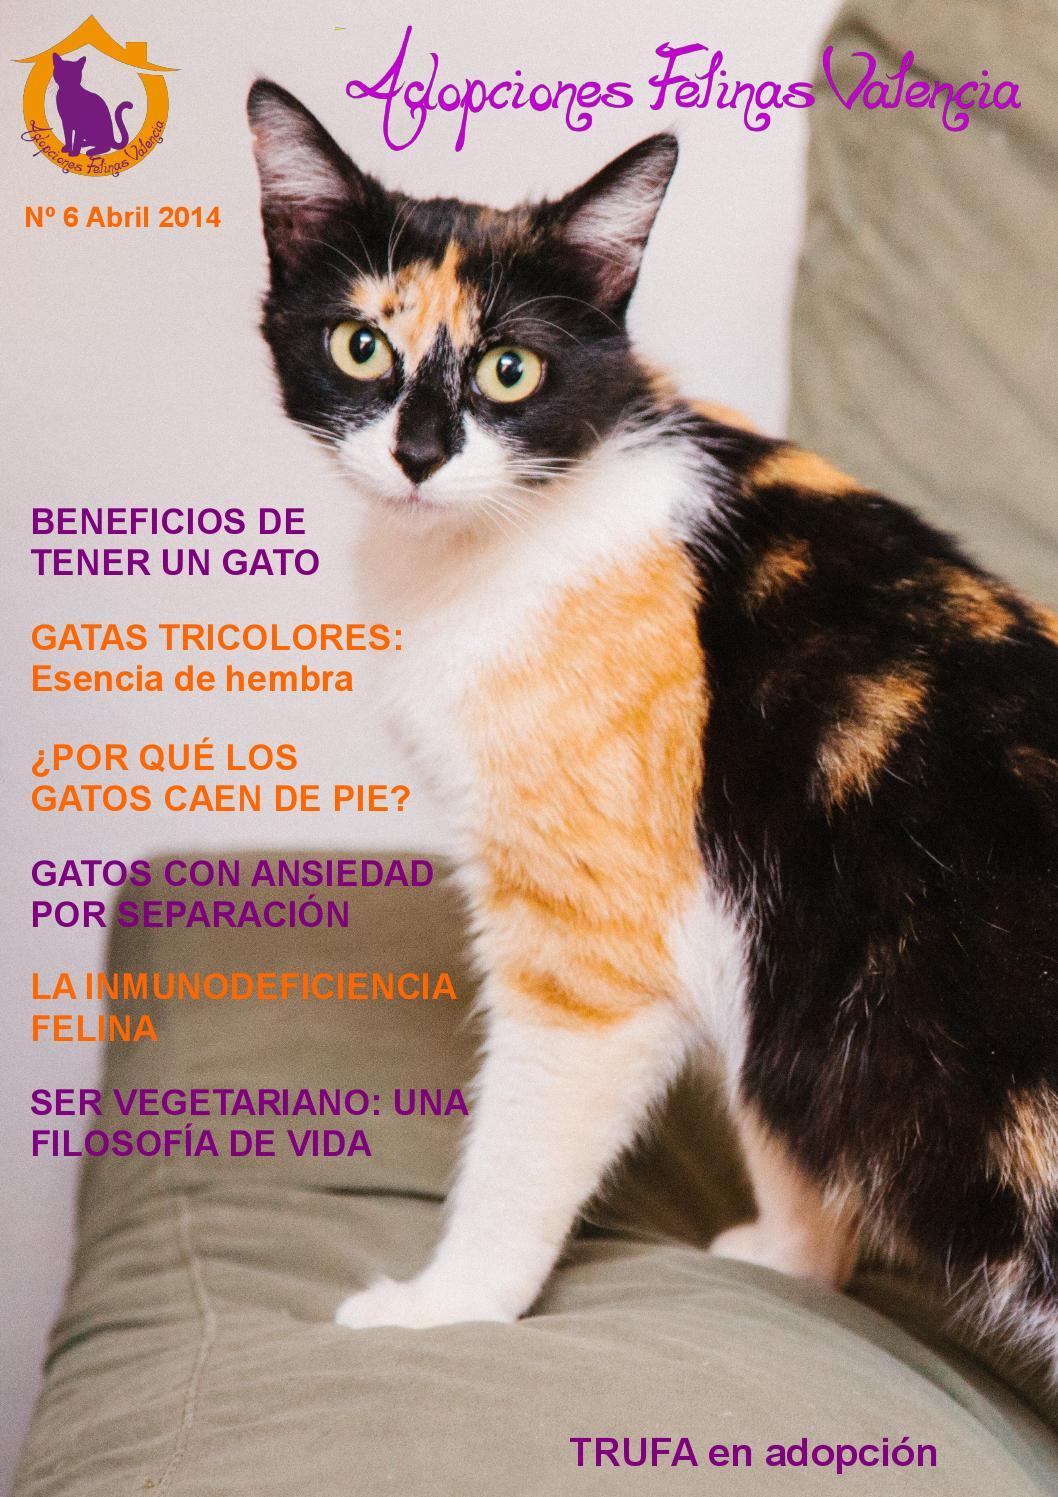 Adopciones Felinas Valencia, nº6 Abril 2014 by Adopciones Felinas ...